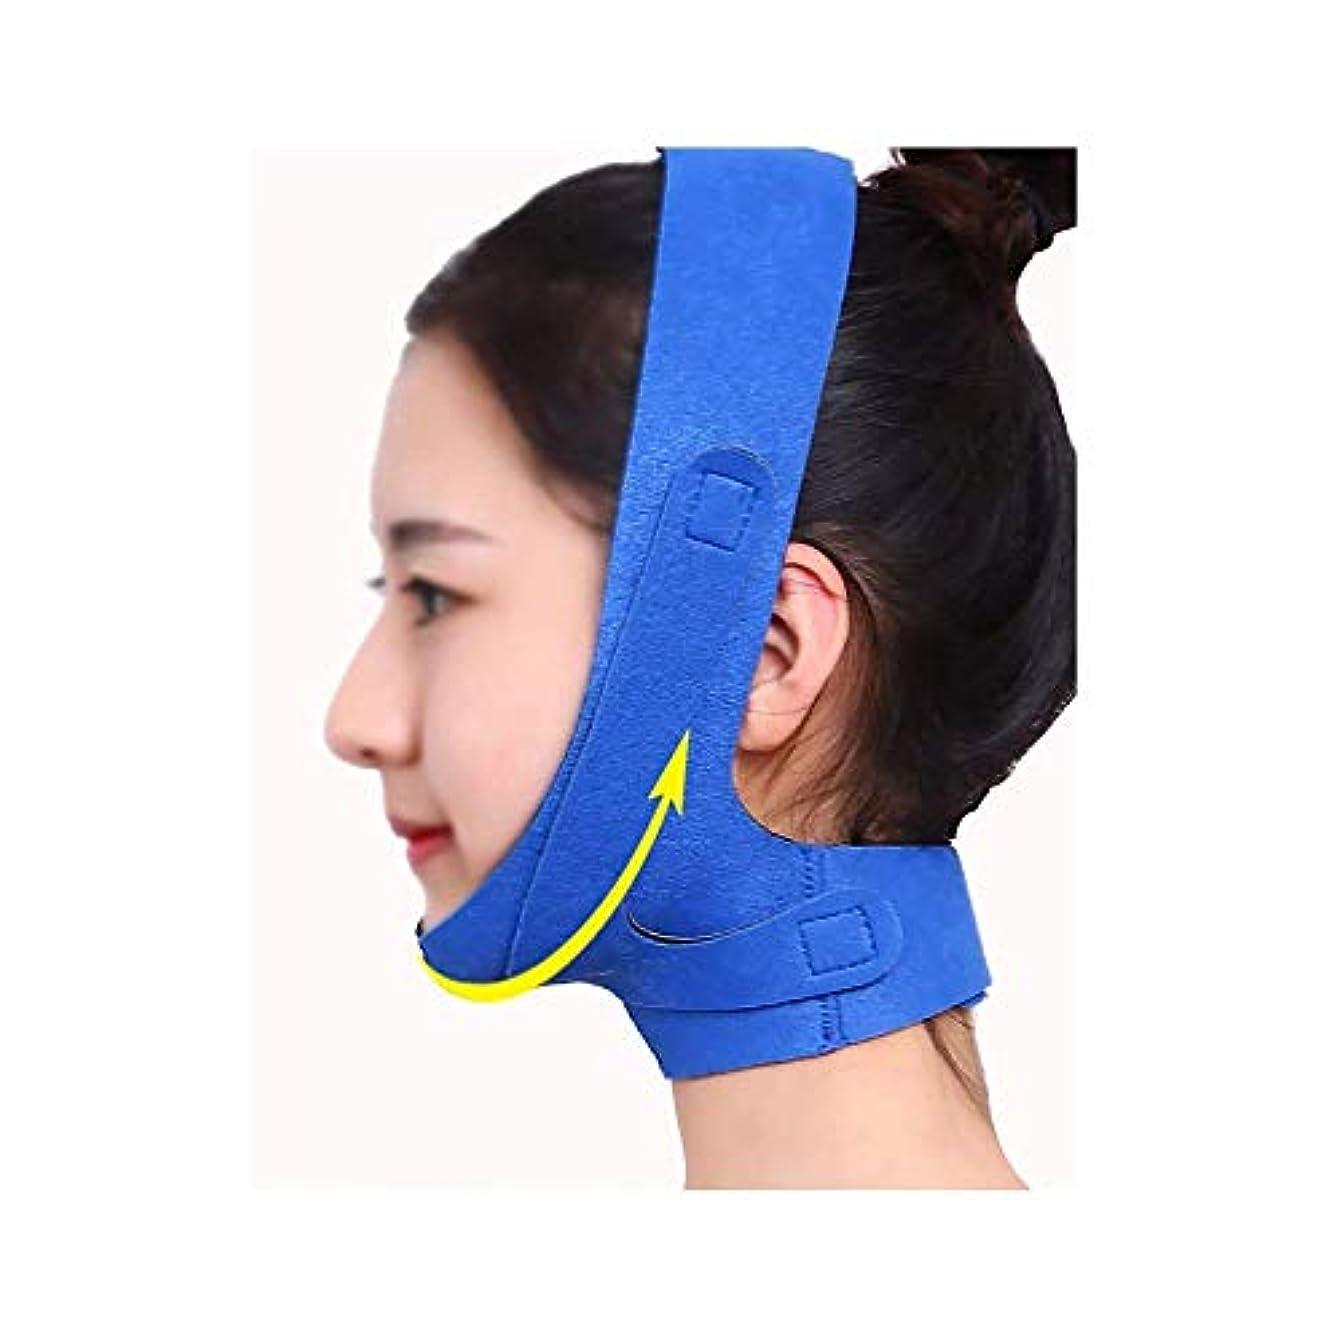 バルセロナ言い換えると家事をするHEMFV Vフェイスラインベルトチンチークスリムリフトアップアンチリンクルマスクの超薄型ストラップバンドVフェイスラインベルトストラップバンド、ブルー